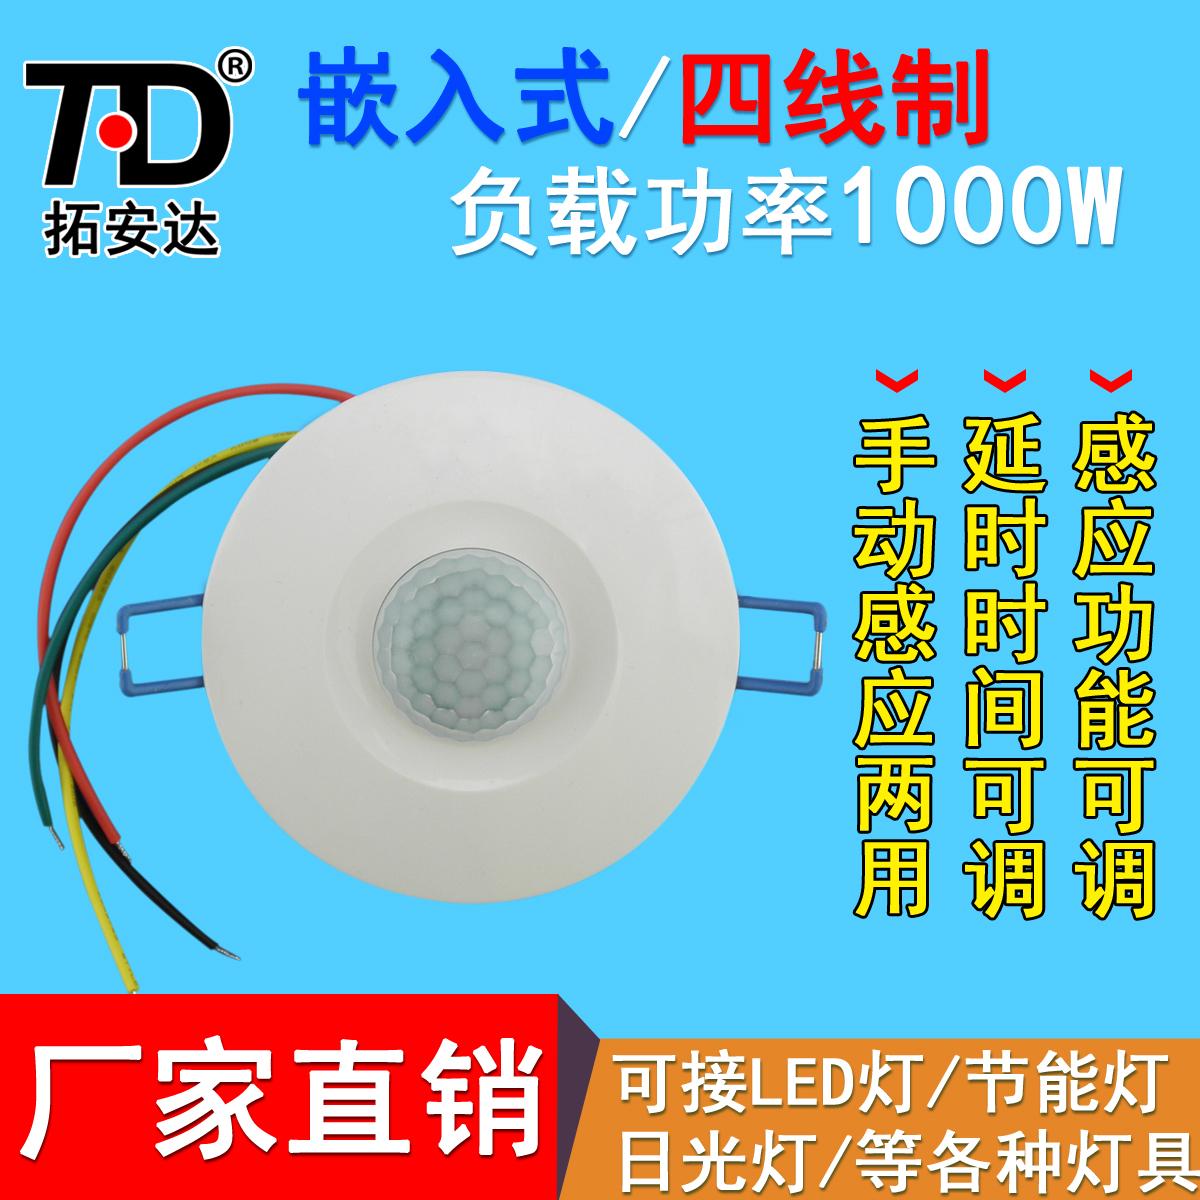 az indukciós kapcsoló 220V/ évi anda beágyazott vagy nagy teljesítményű / felvenni a típusú infravörös led - lámpa / az energiatakarékos lámpák